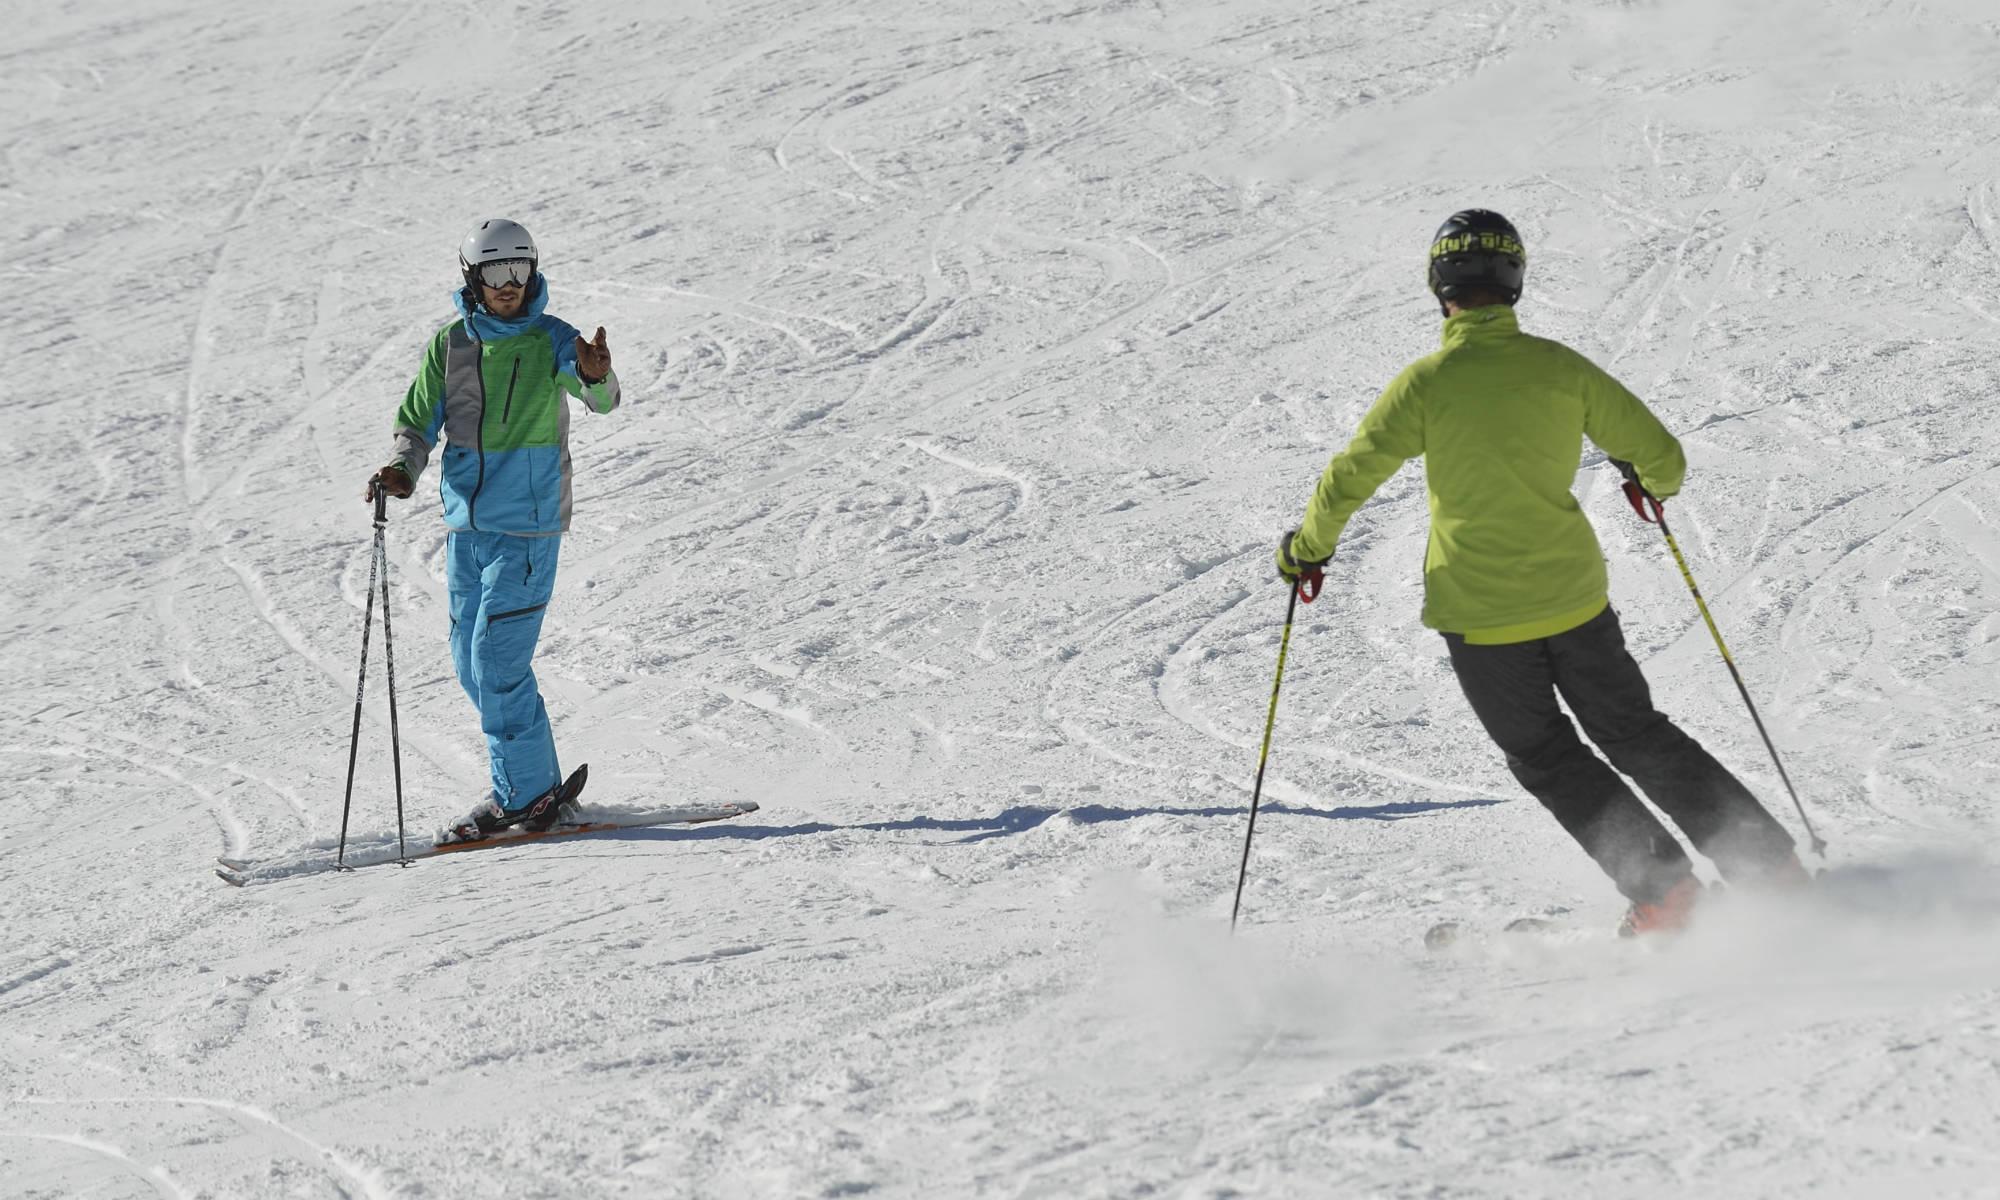 Ein Skilehrer und ein Kursteilnehmer üben gemeinsam den Parallelschwung auf einer Skipiste.